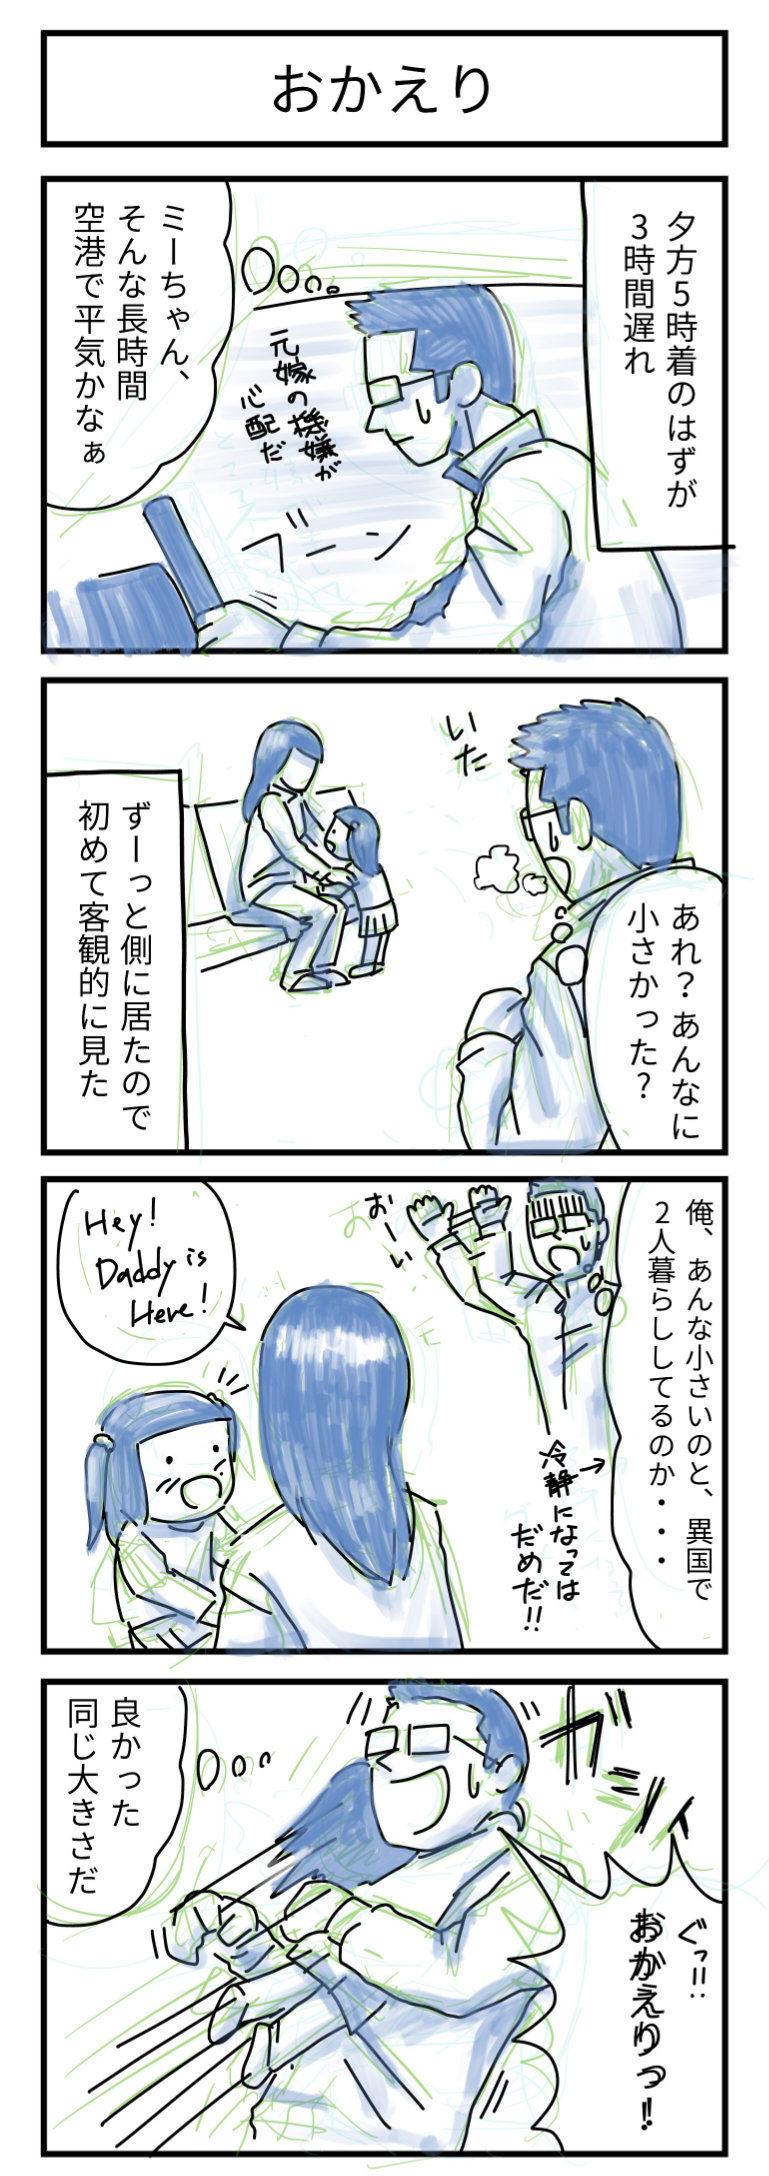 025_おかえり_half